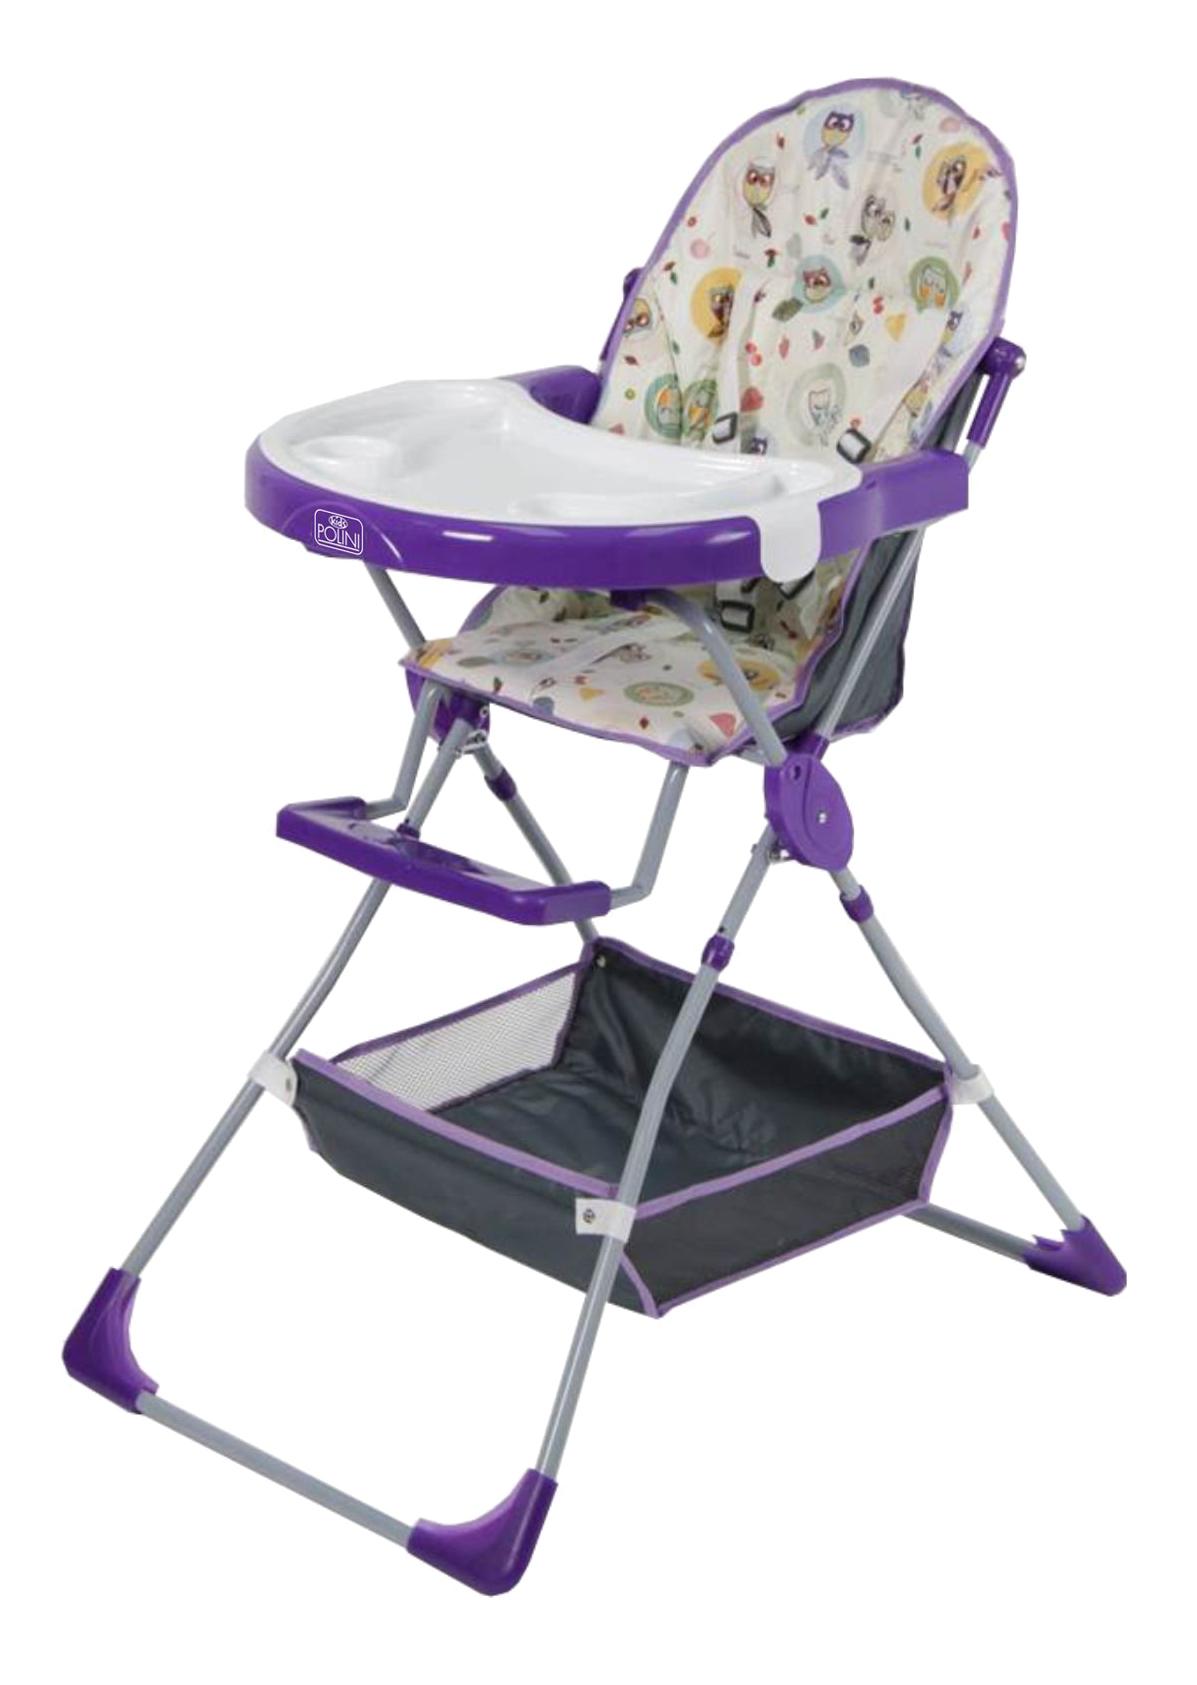 Стульчик для кормления Совы фиолетовый Polini